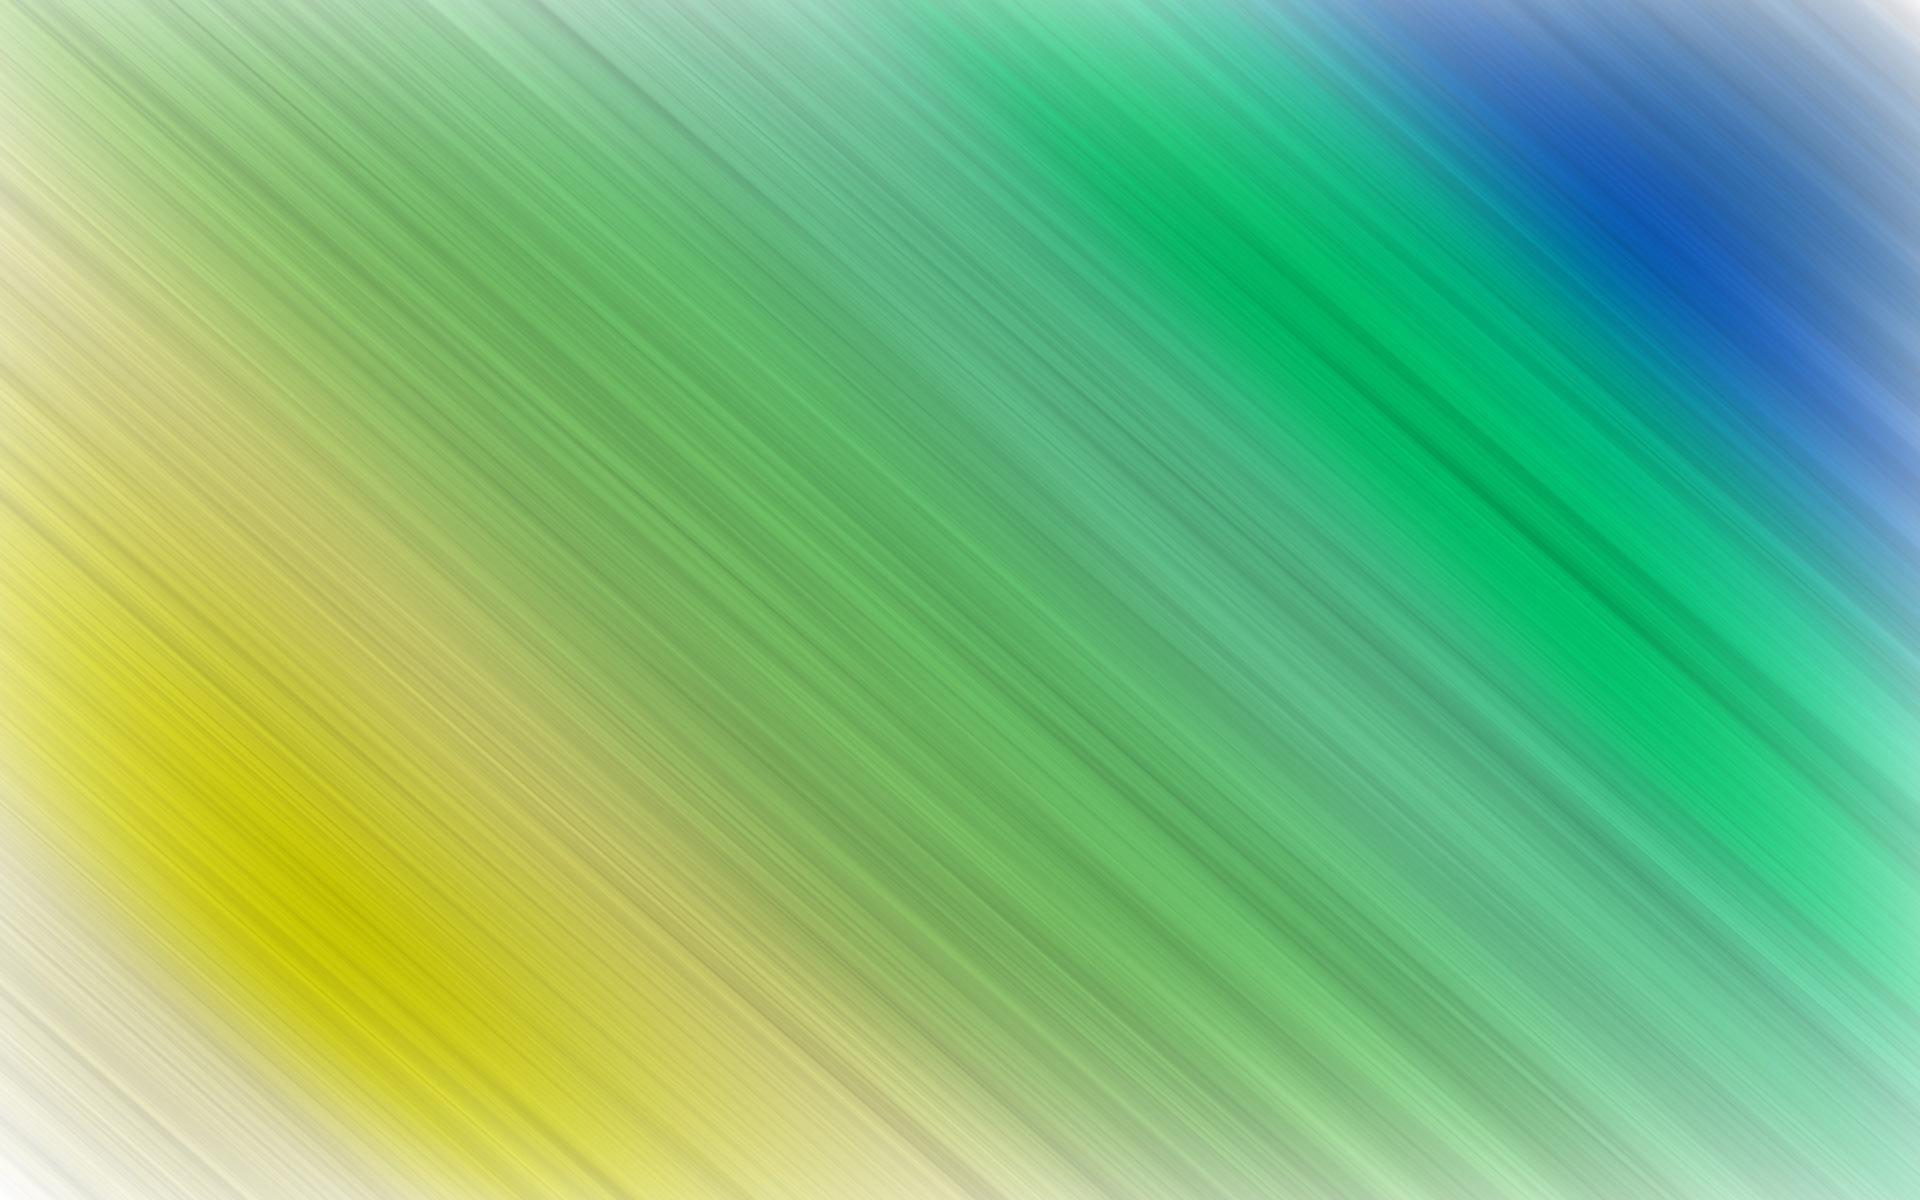 Картинки нейтрального цвета